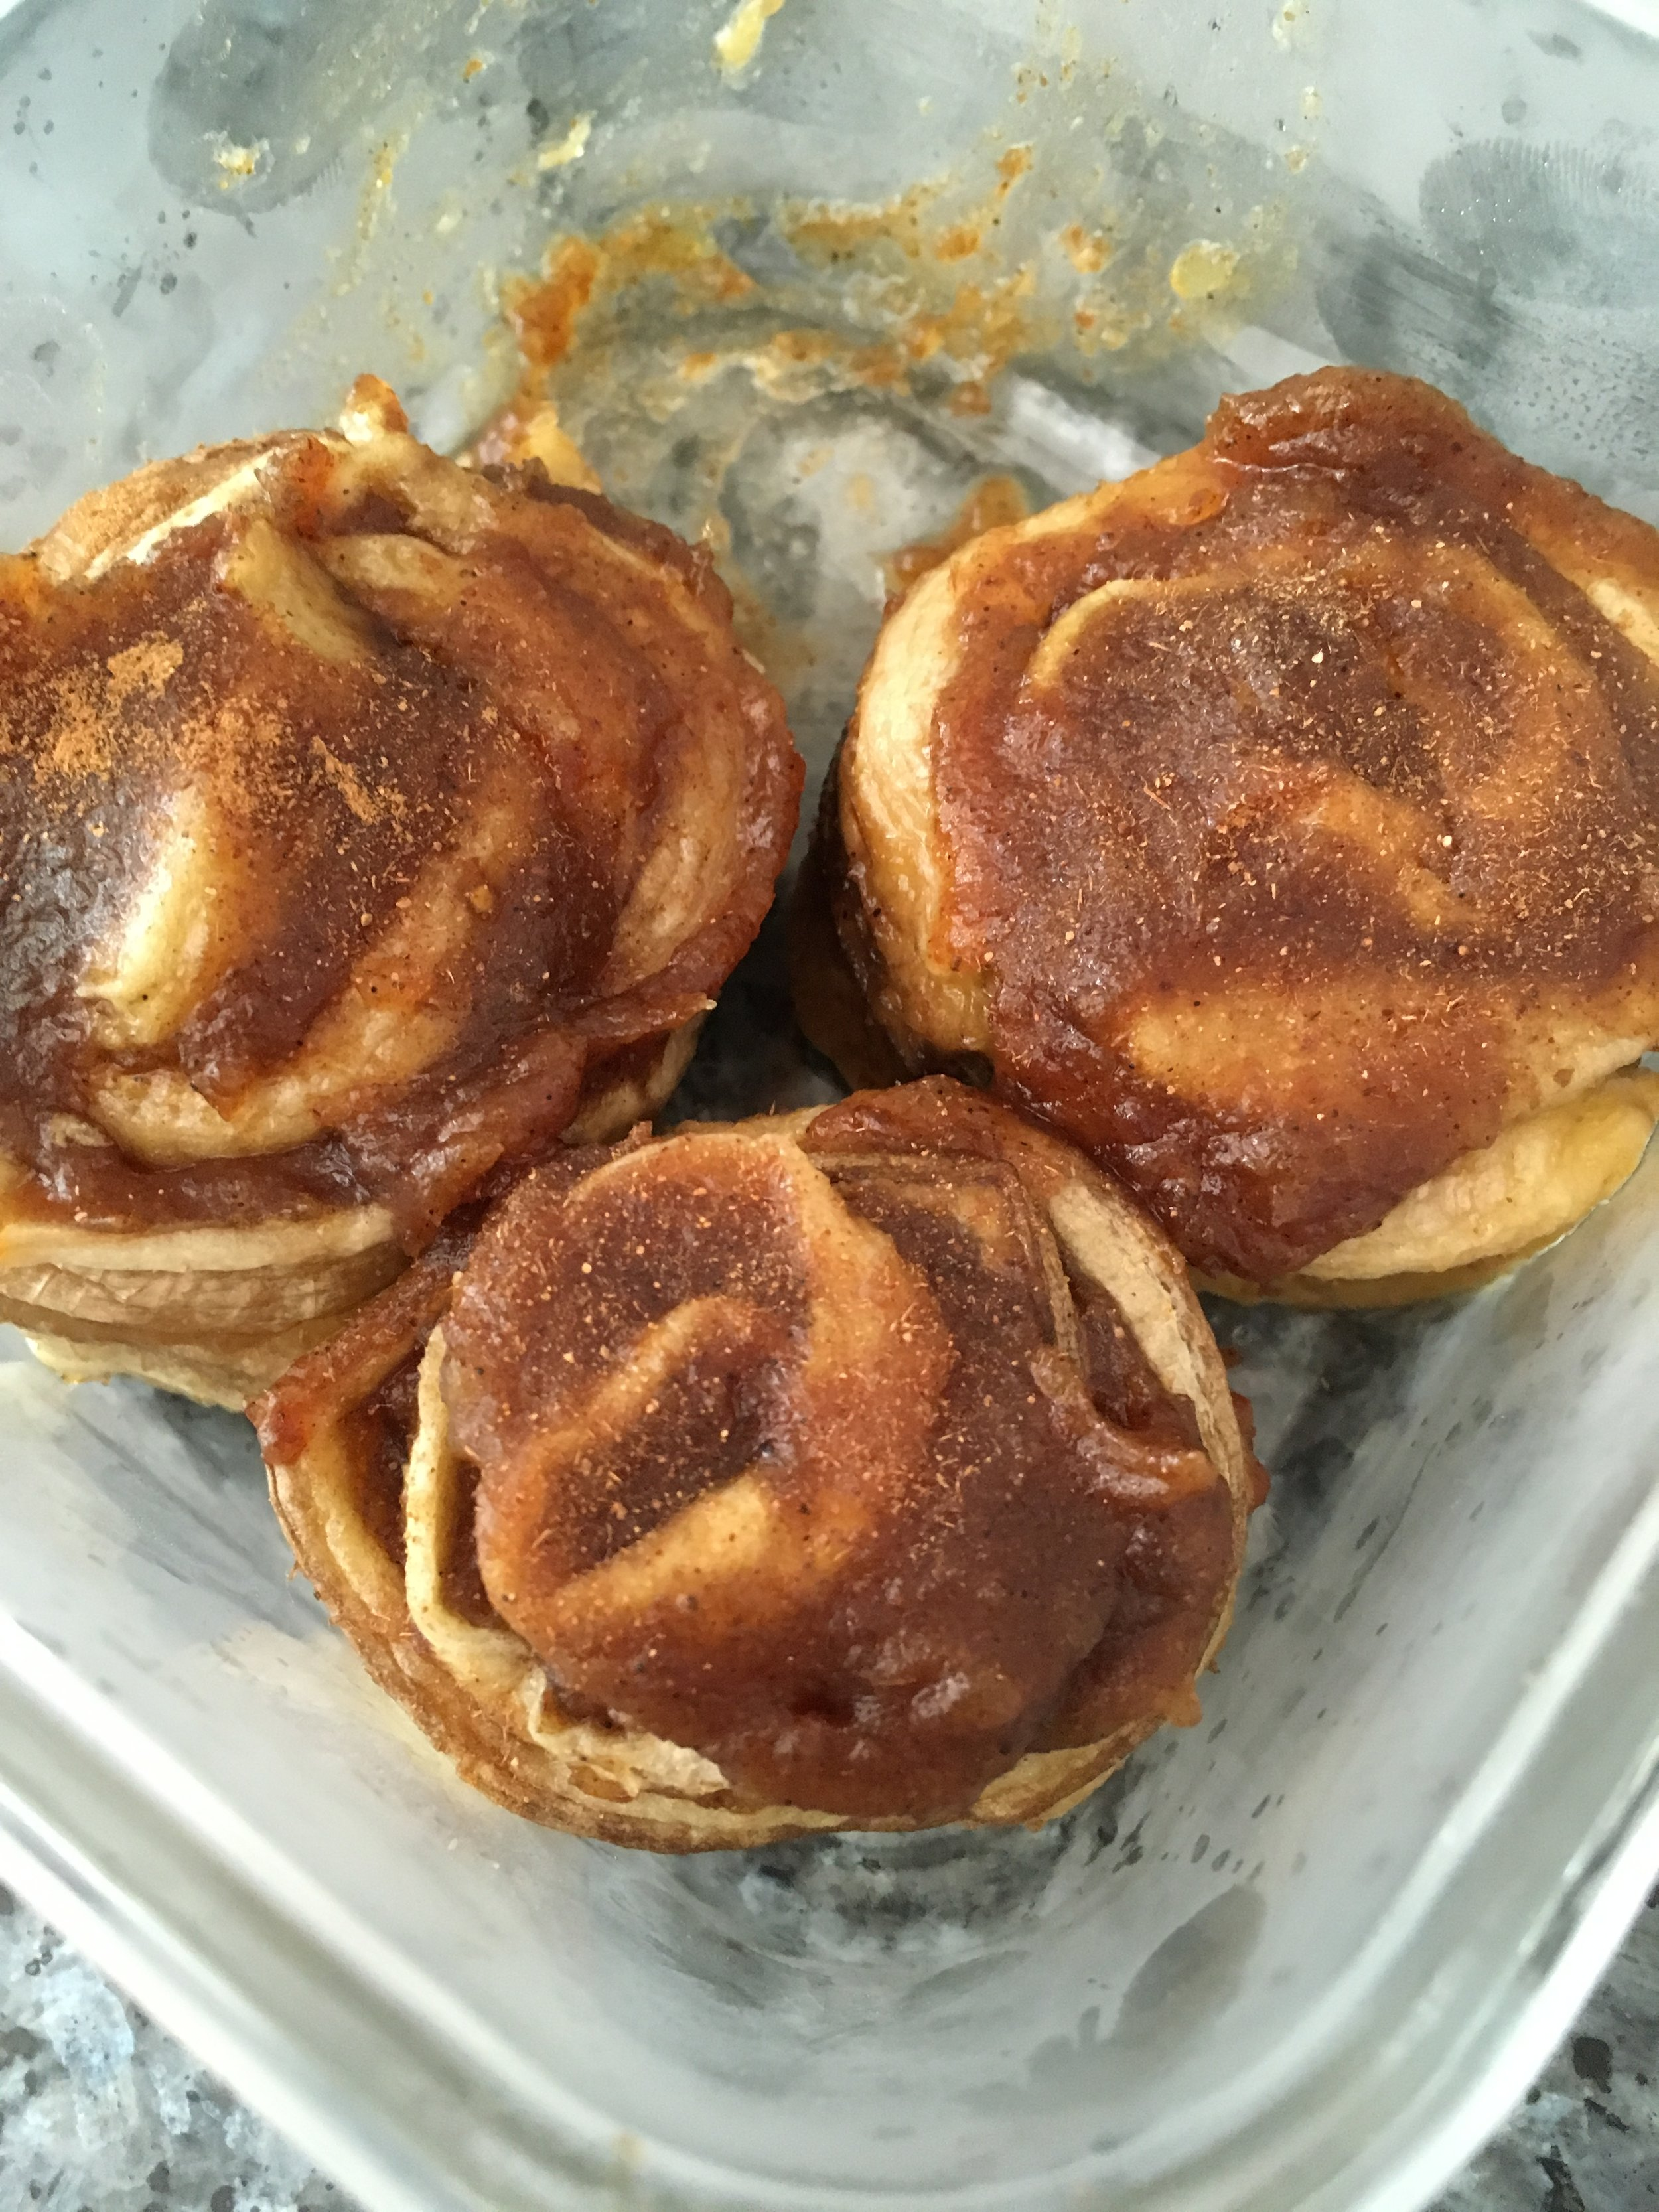 Raw vegan cinnamon rolls